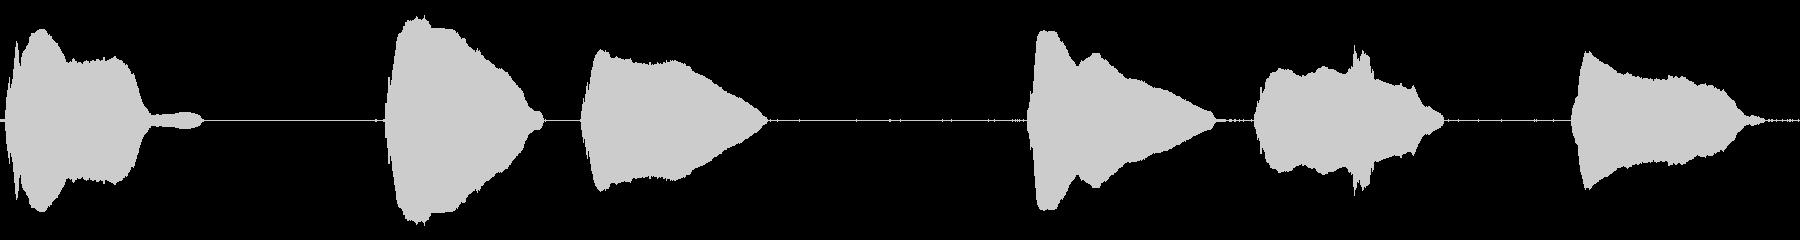 ウルフハウルx6ハウルの自然なポーズの未再生の波形